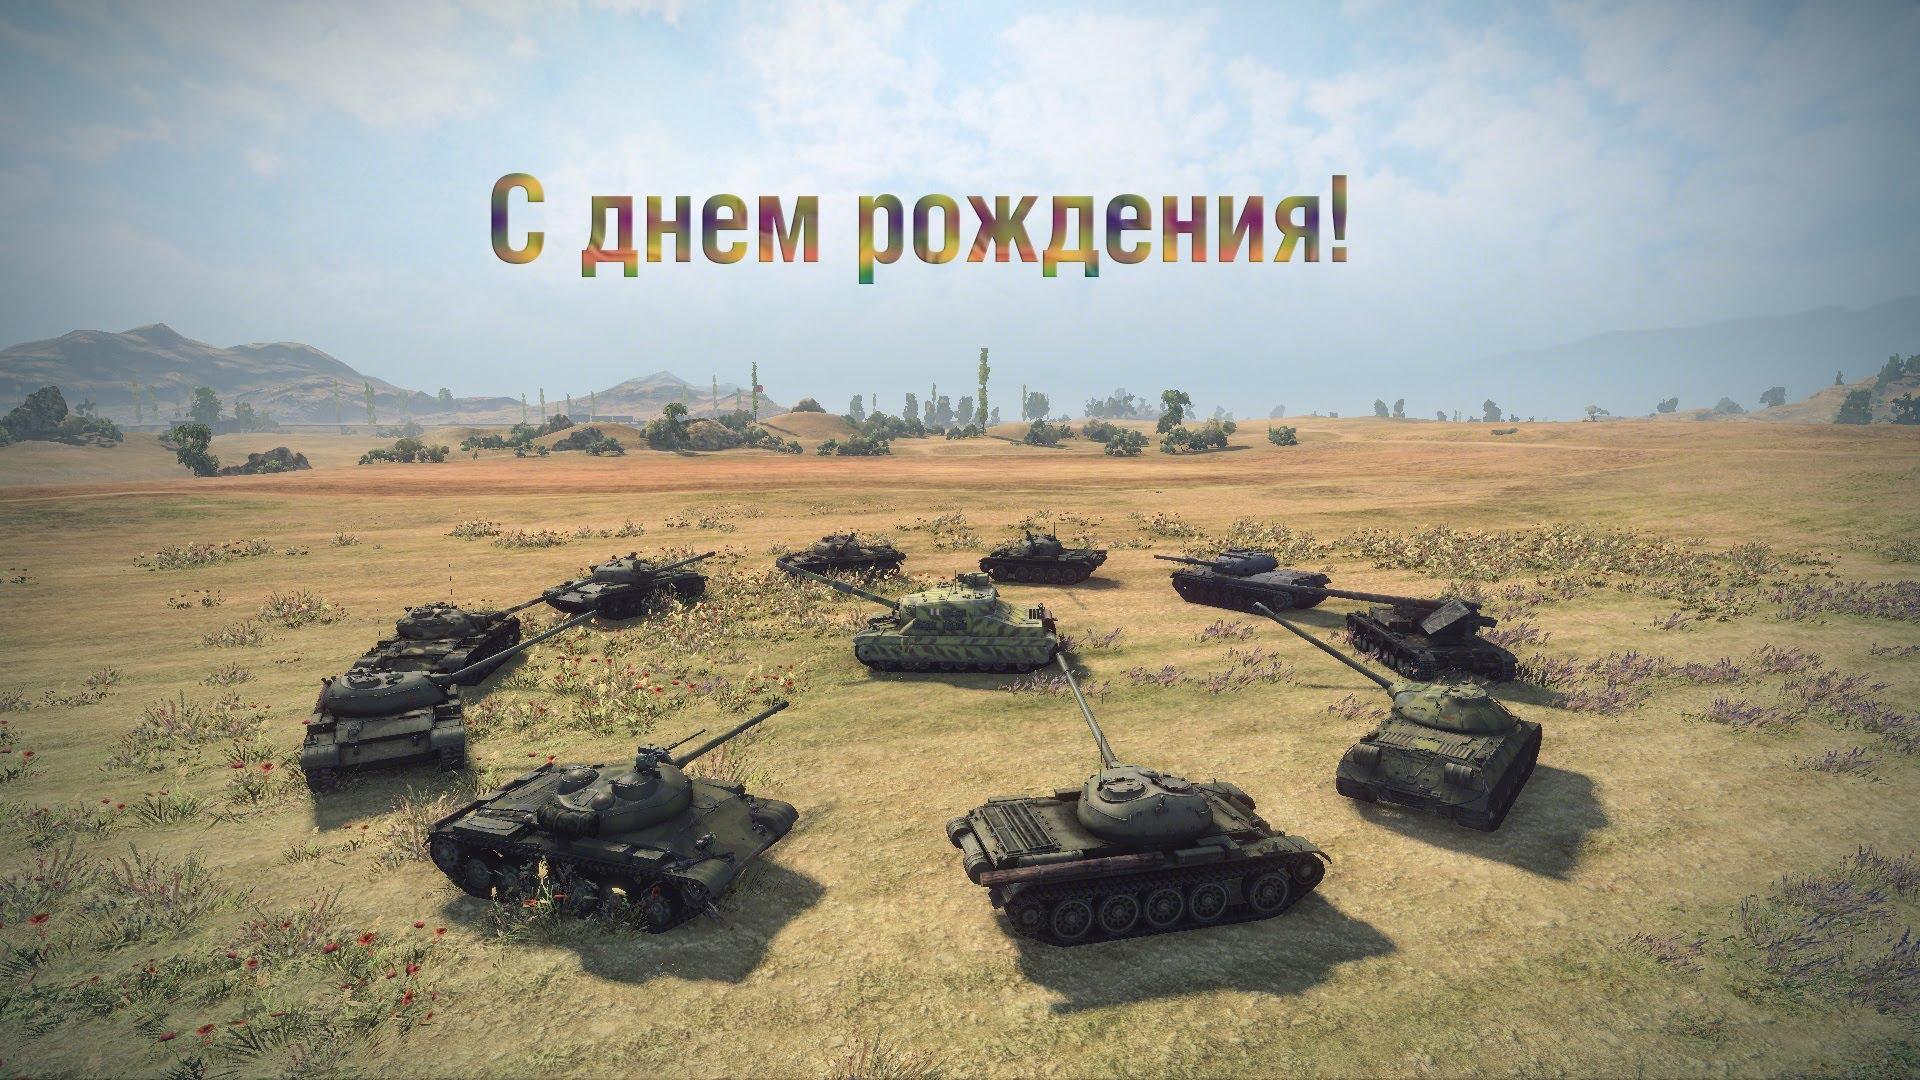 Открытка ворлд оф танк, российской